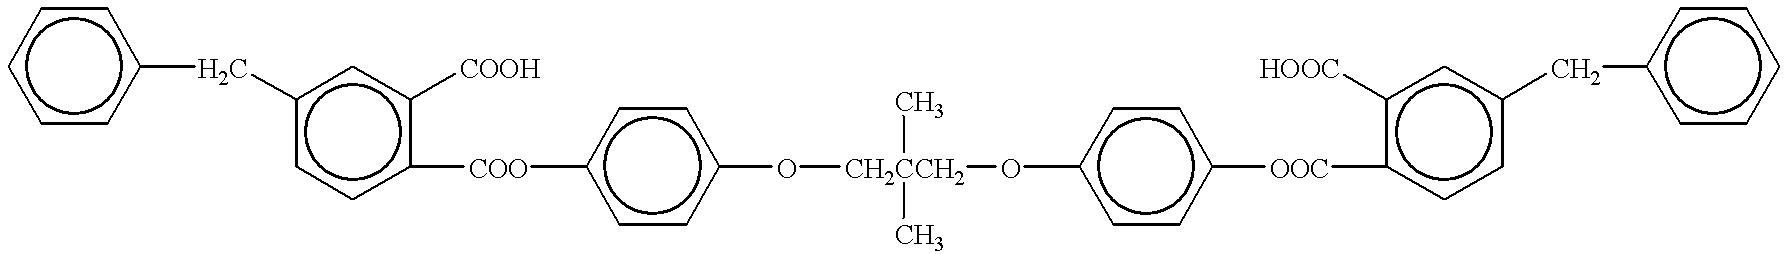 Figure US06180560-20010130-C00376